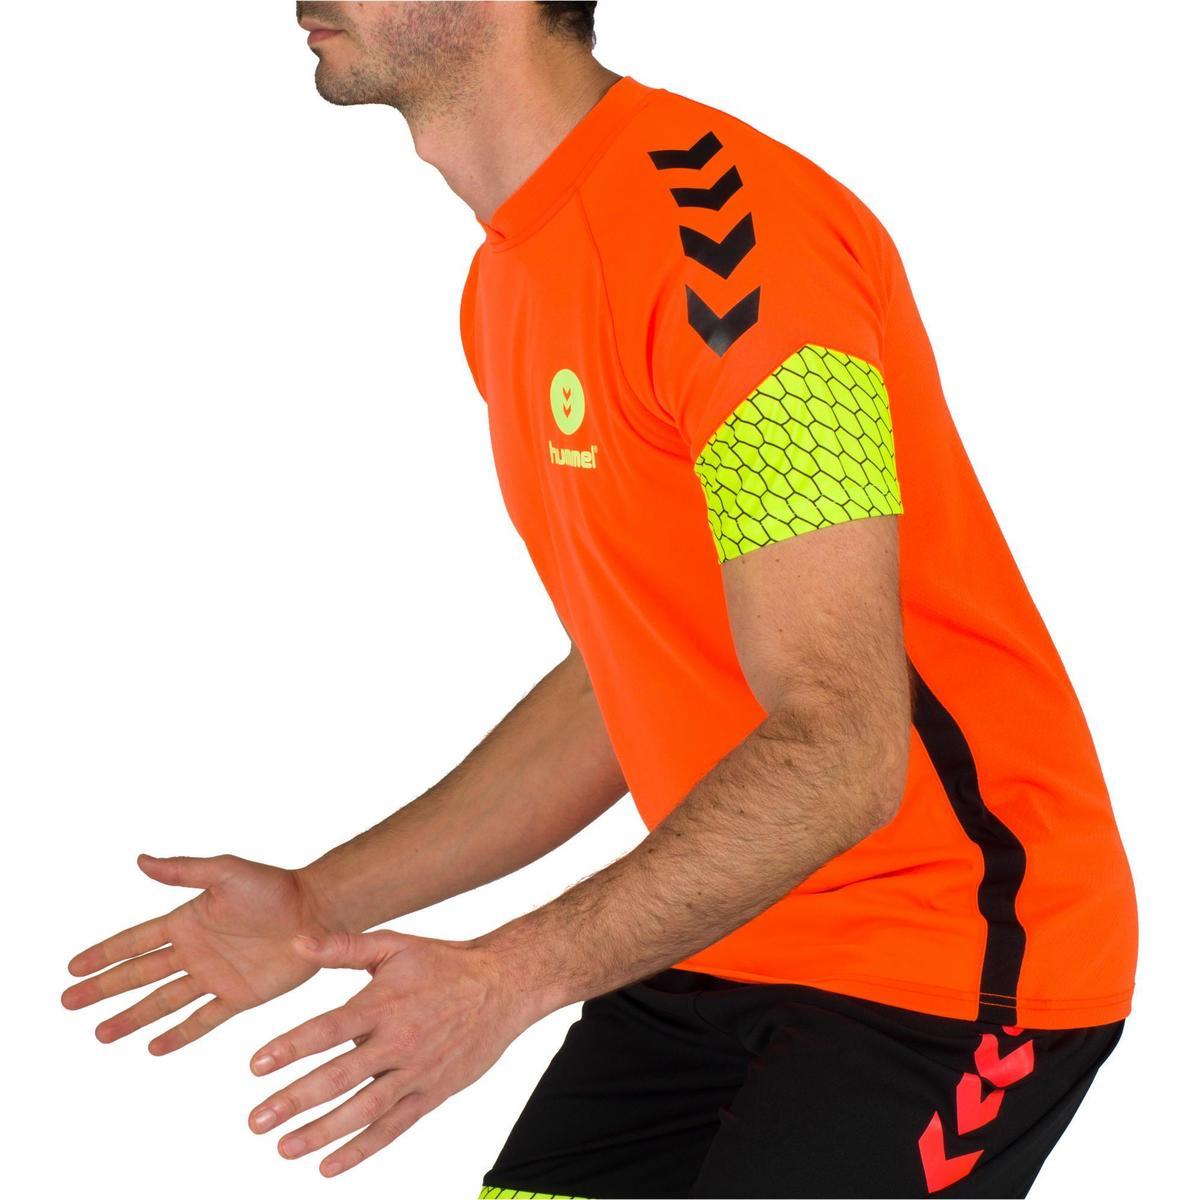 Bild 5 von Handballtrikot Herren orange/gelb